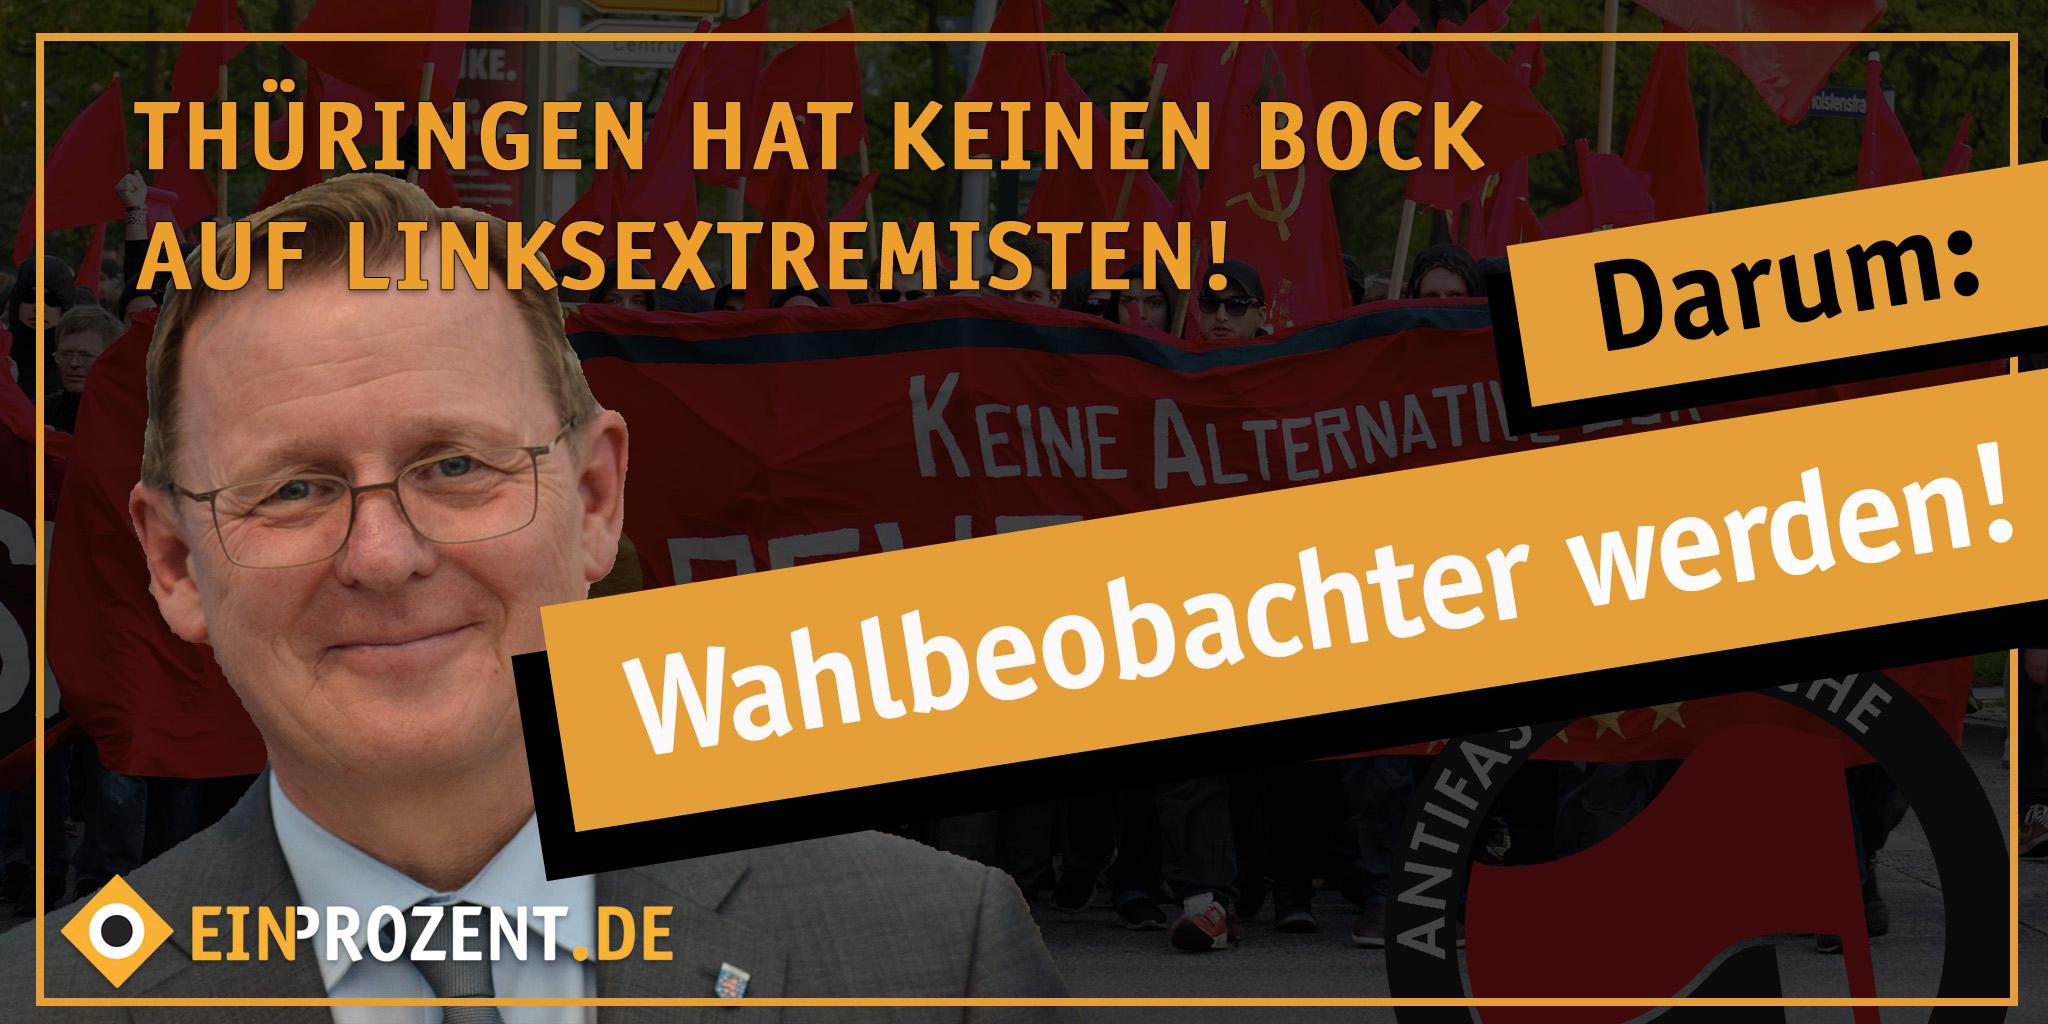 Wahlbeobachtung Thüringen: Alle gut vorbereit?